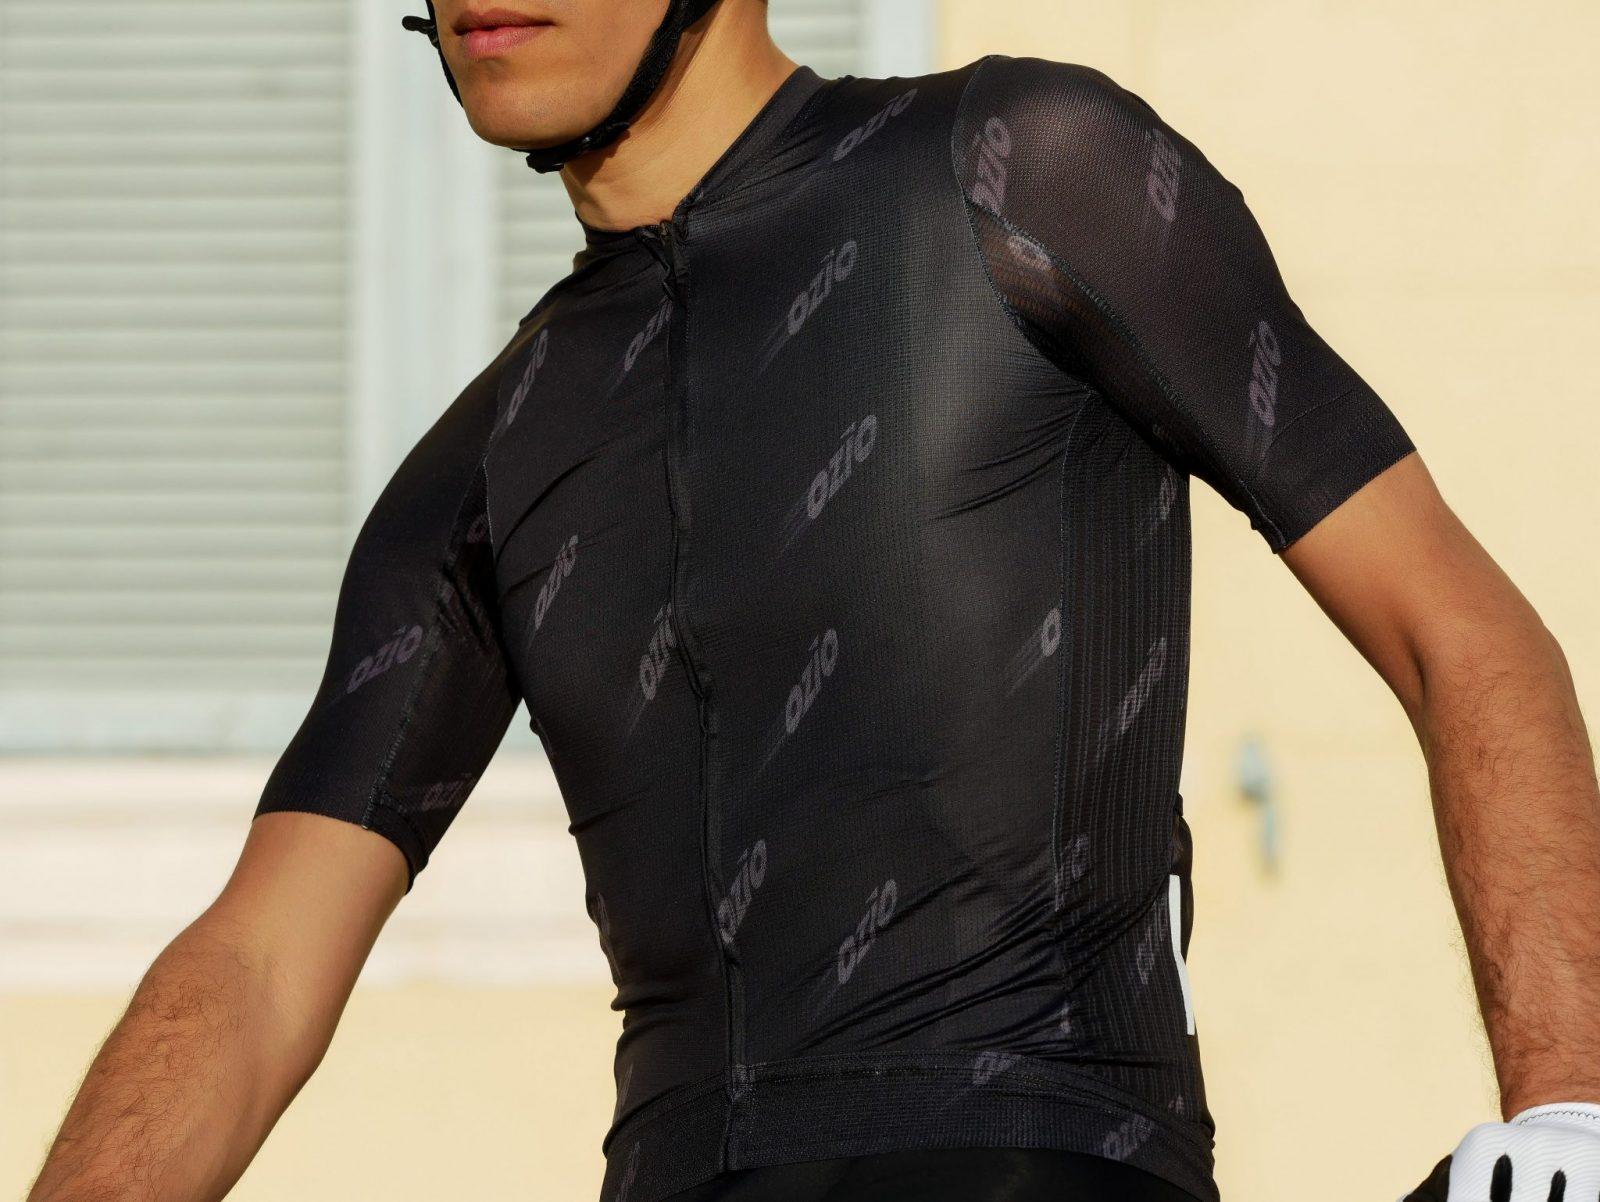 Maillot de vélo noir manches courtes été